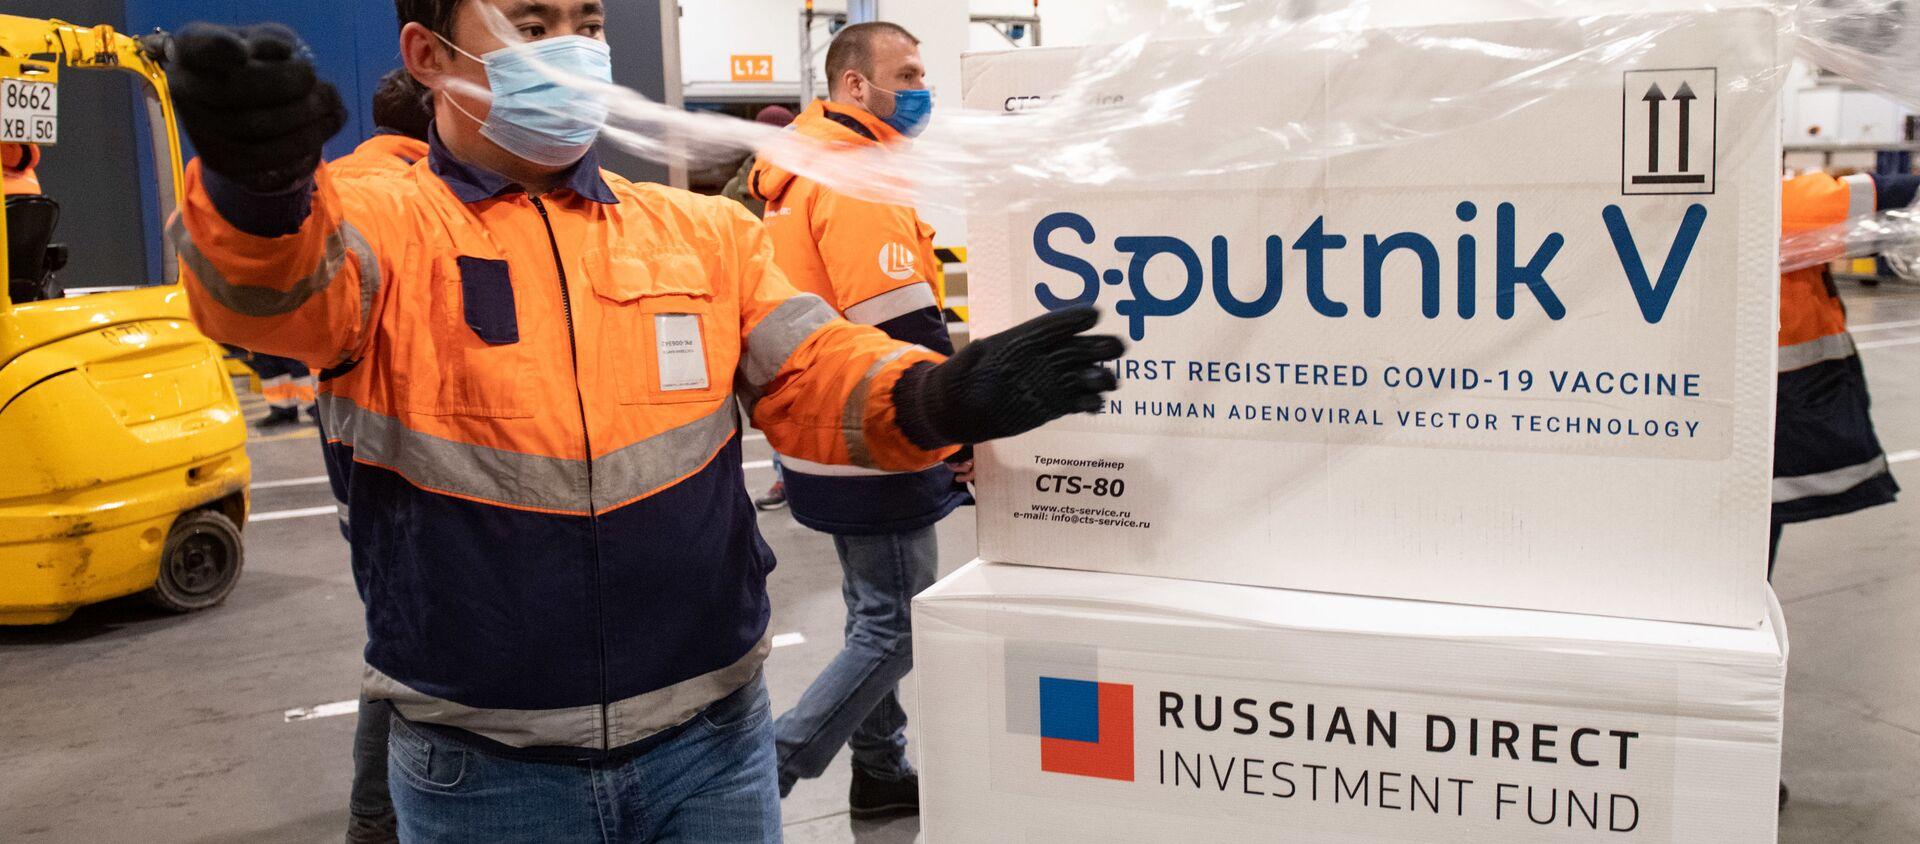 Dostawa szczepionki Sputnik V do terminalu Moscow Cargo na lotnisku Szeremietiewo. - Sputnik Polska, 1920, 30.04.2021